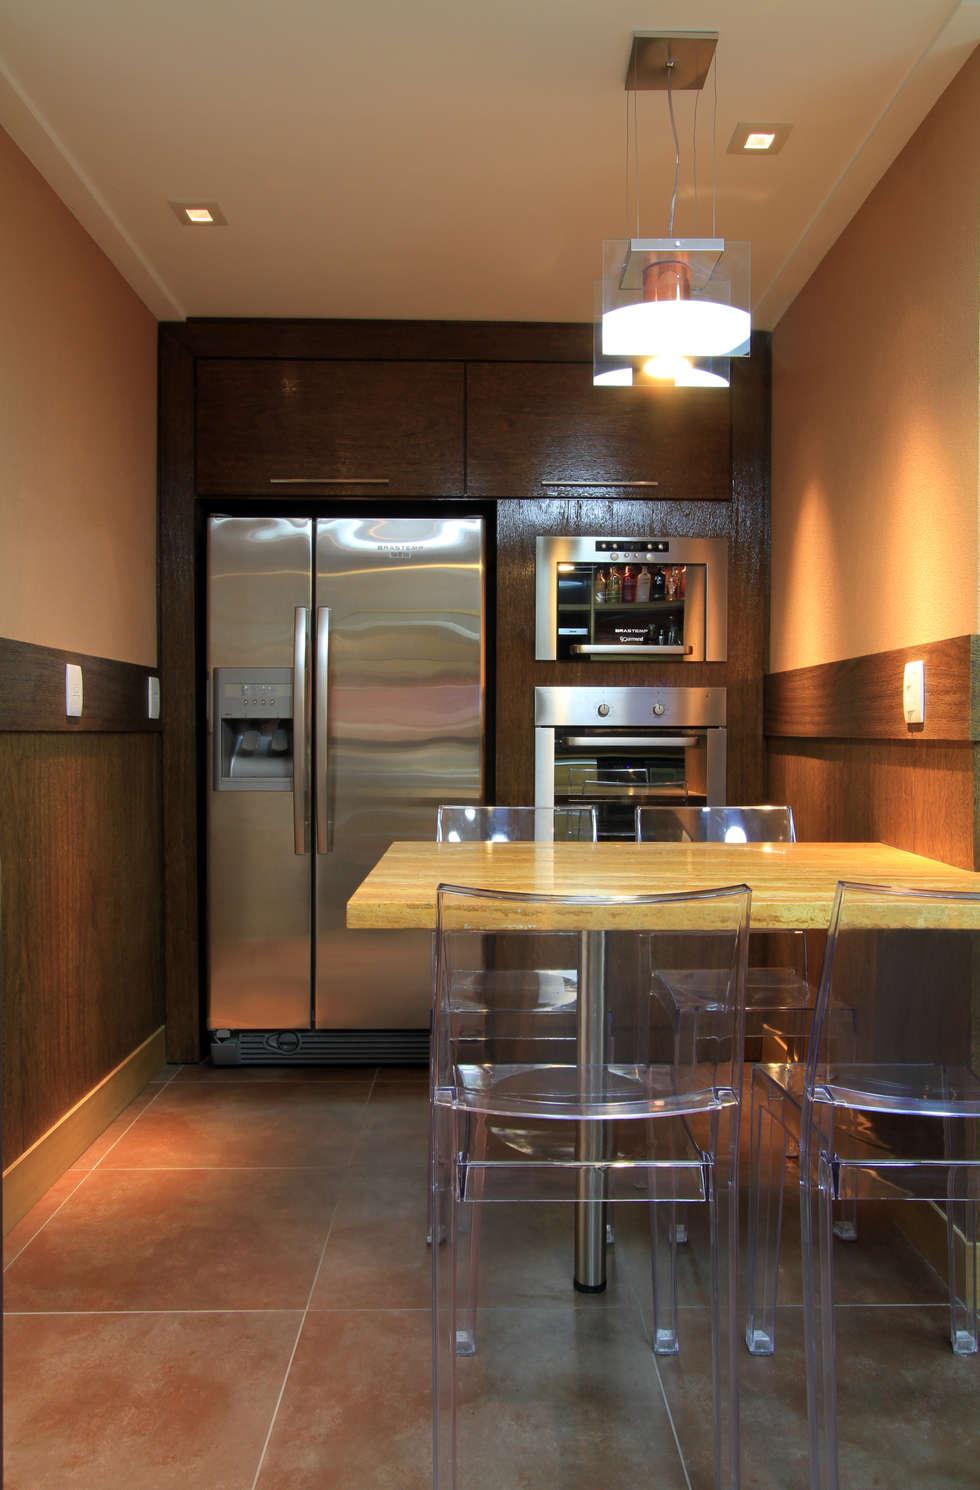 Apartamento Bela Vista 02: Cozinhas modernas por Francisco Humberto Franck